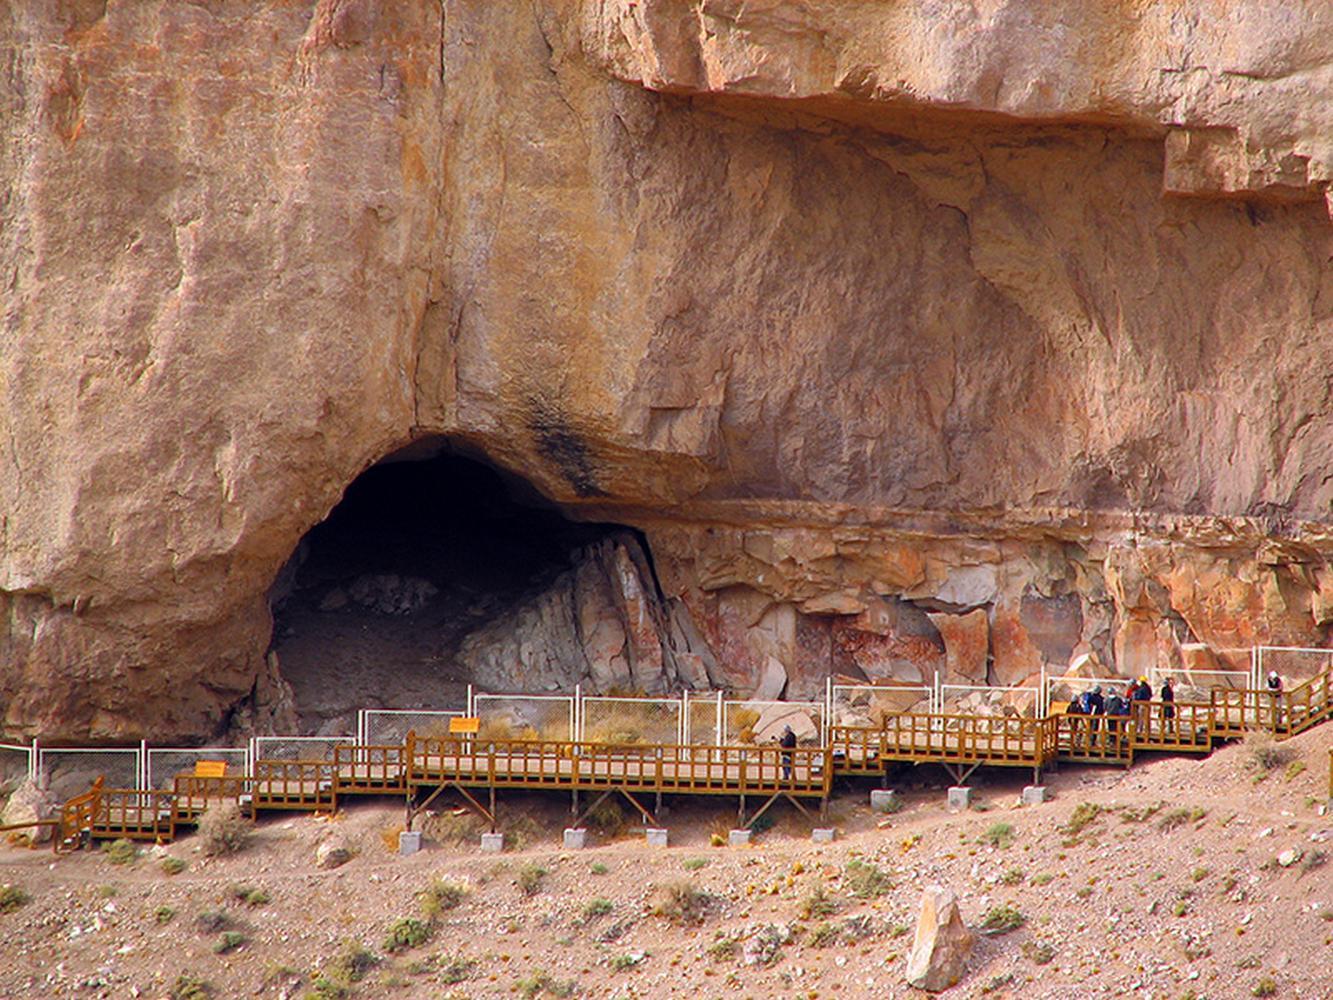 Cueva de los Manos, (Cave of the Hands), Argentina